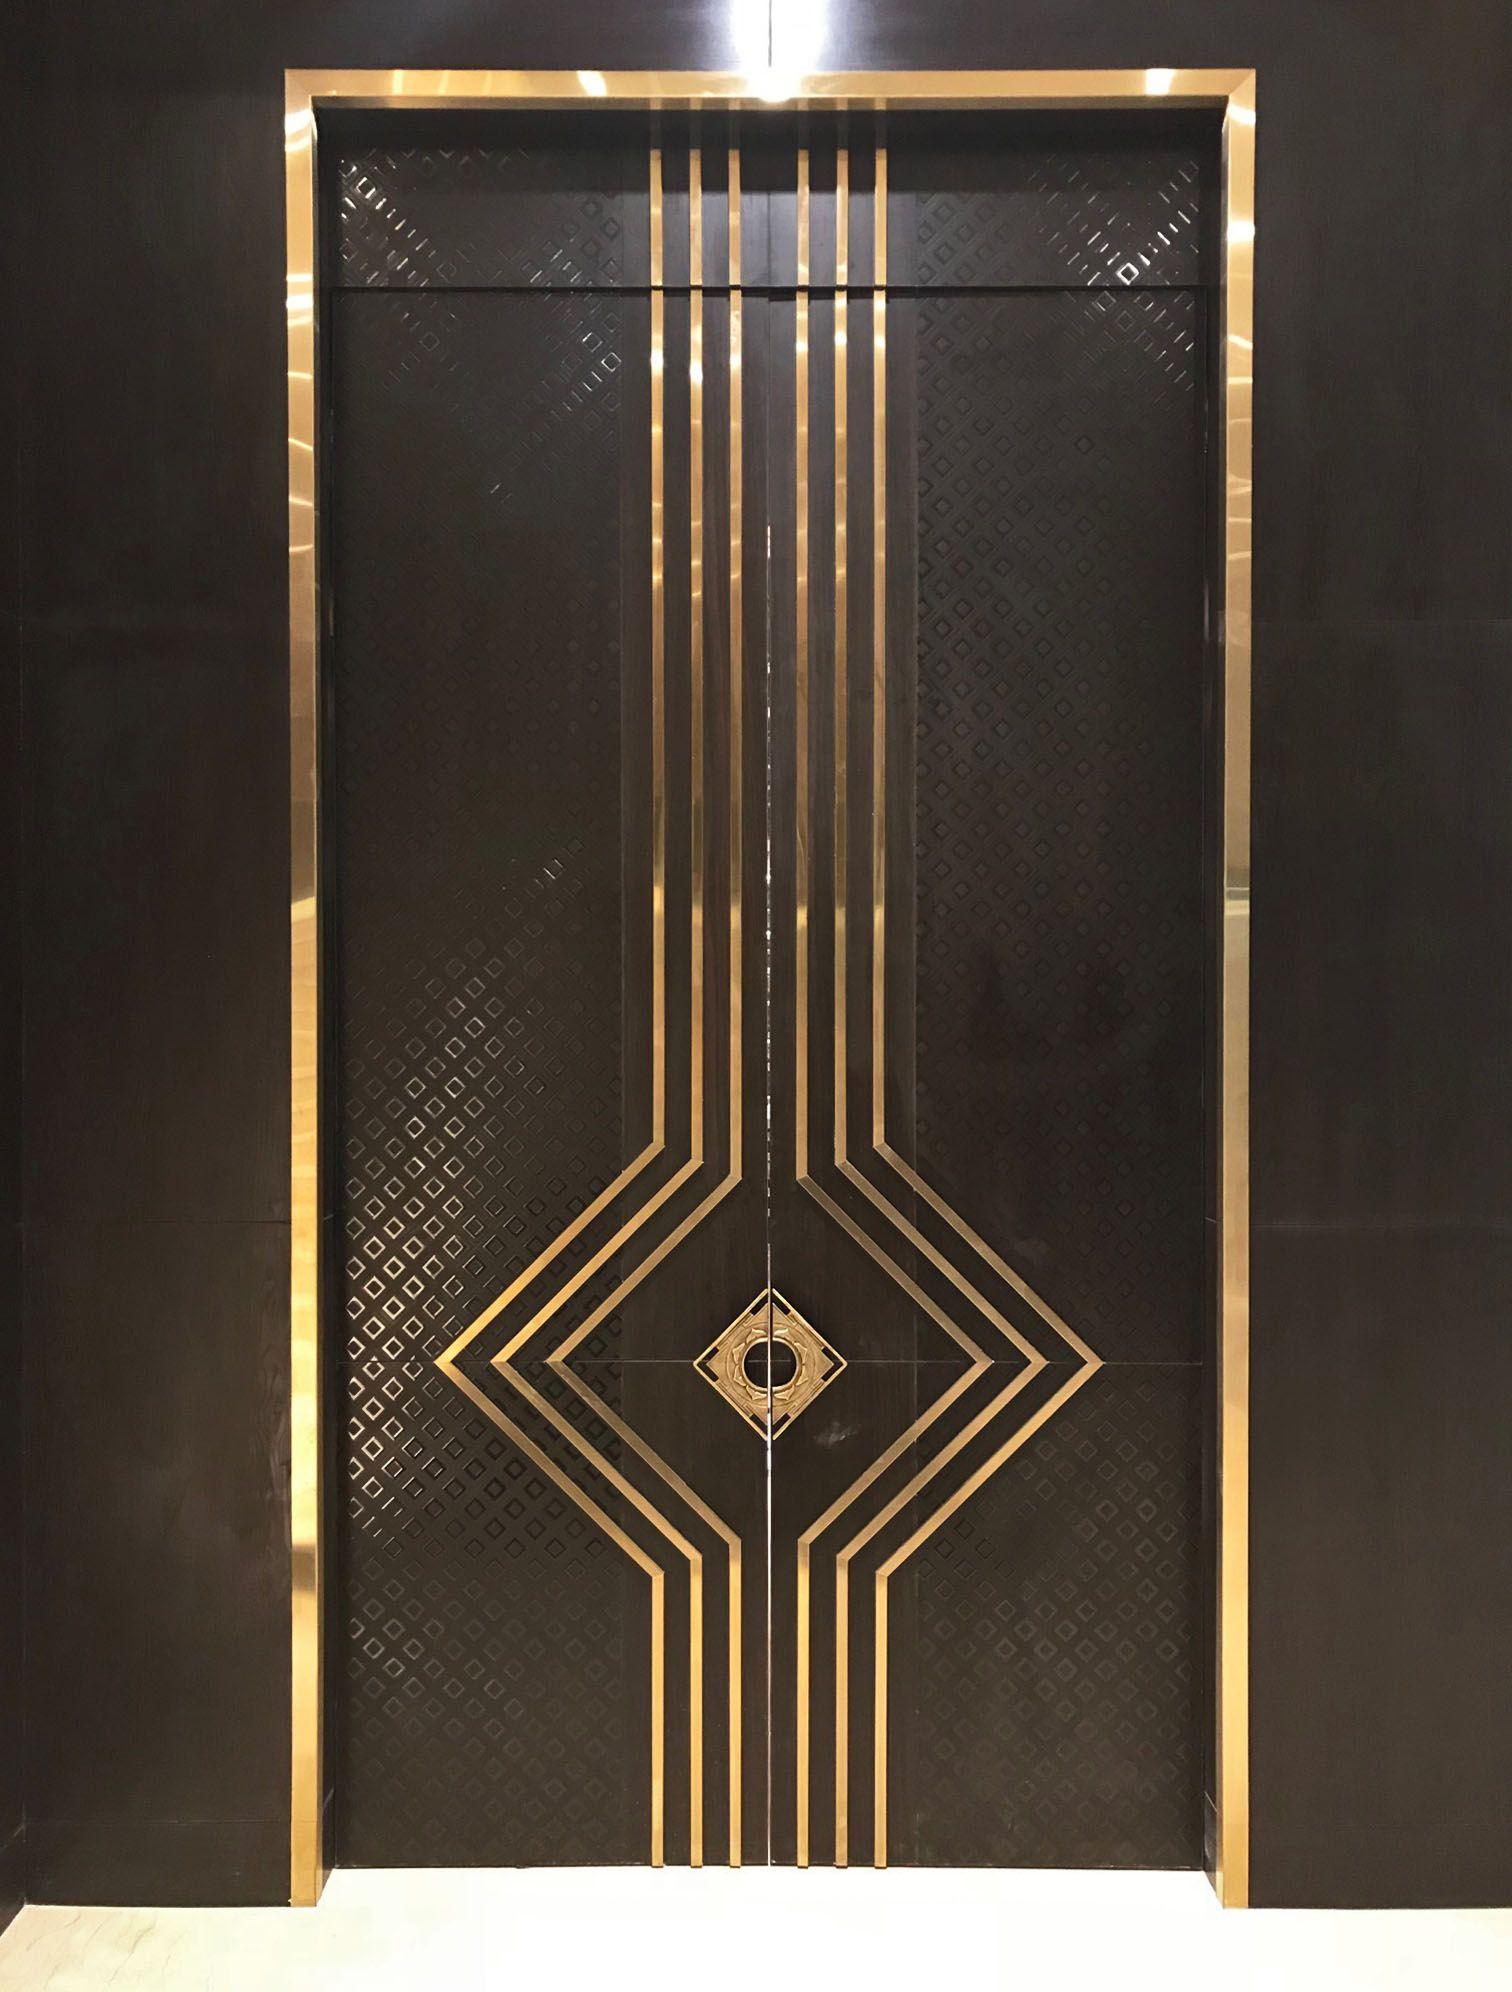 Image Result For Hotel Room Door Designs: Hotel Lobby Door, Banquet Door, Door, Classic Designs